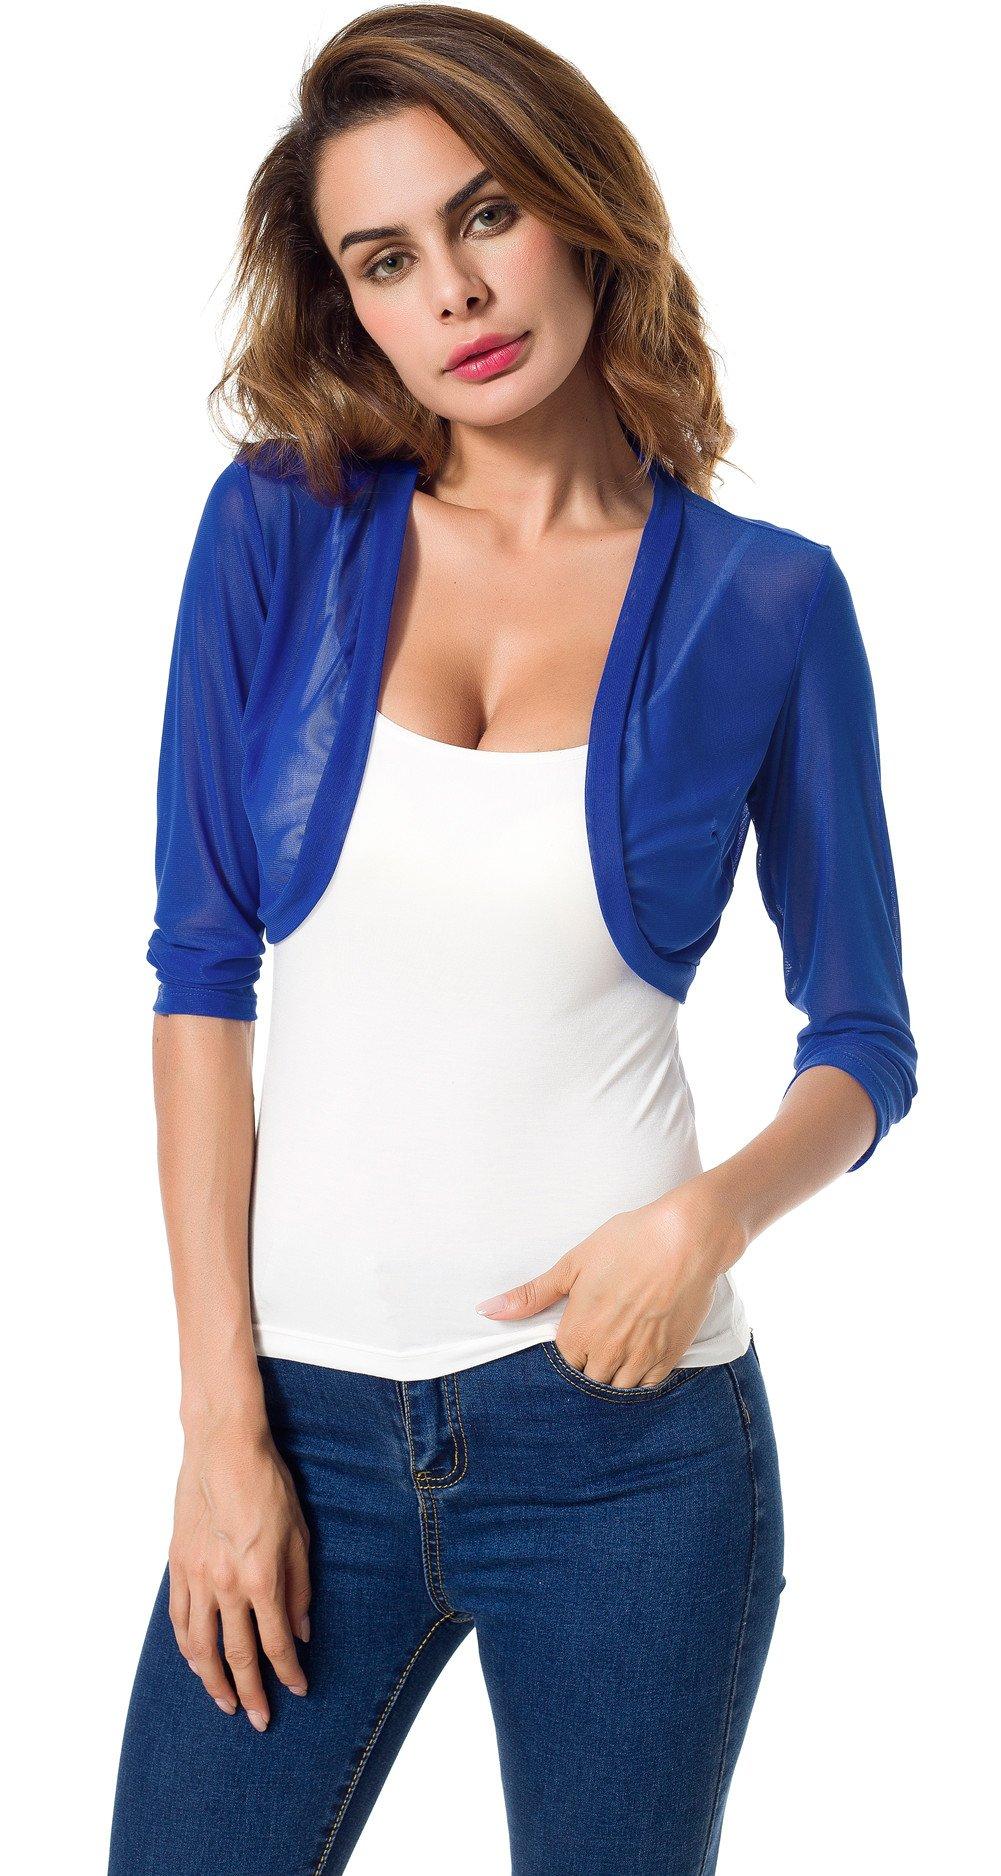 Tandisk Women's 3/4 Sleeve Bolero Sheer Chiffon Shrug Cardigan Blue L